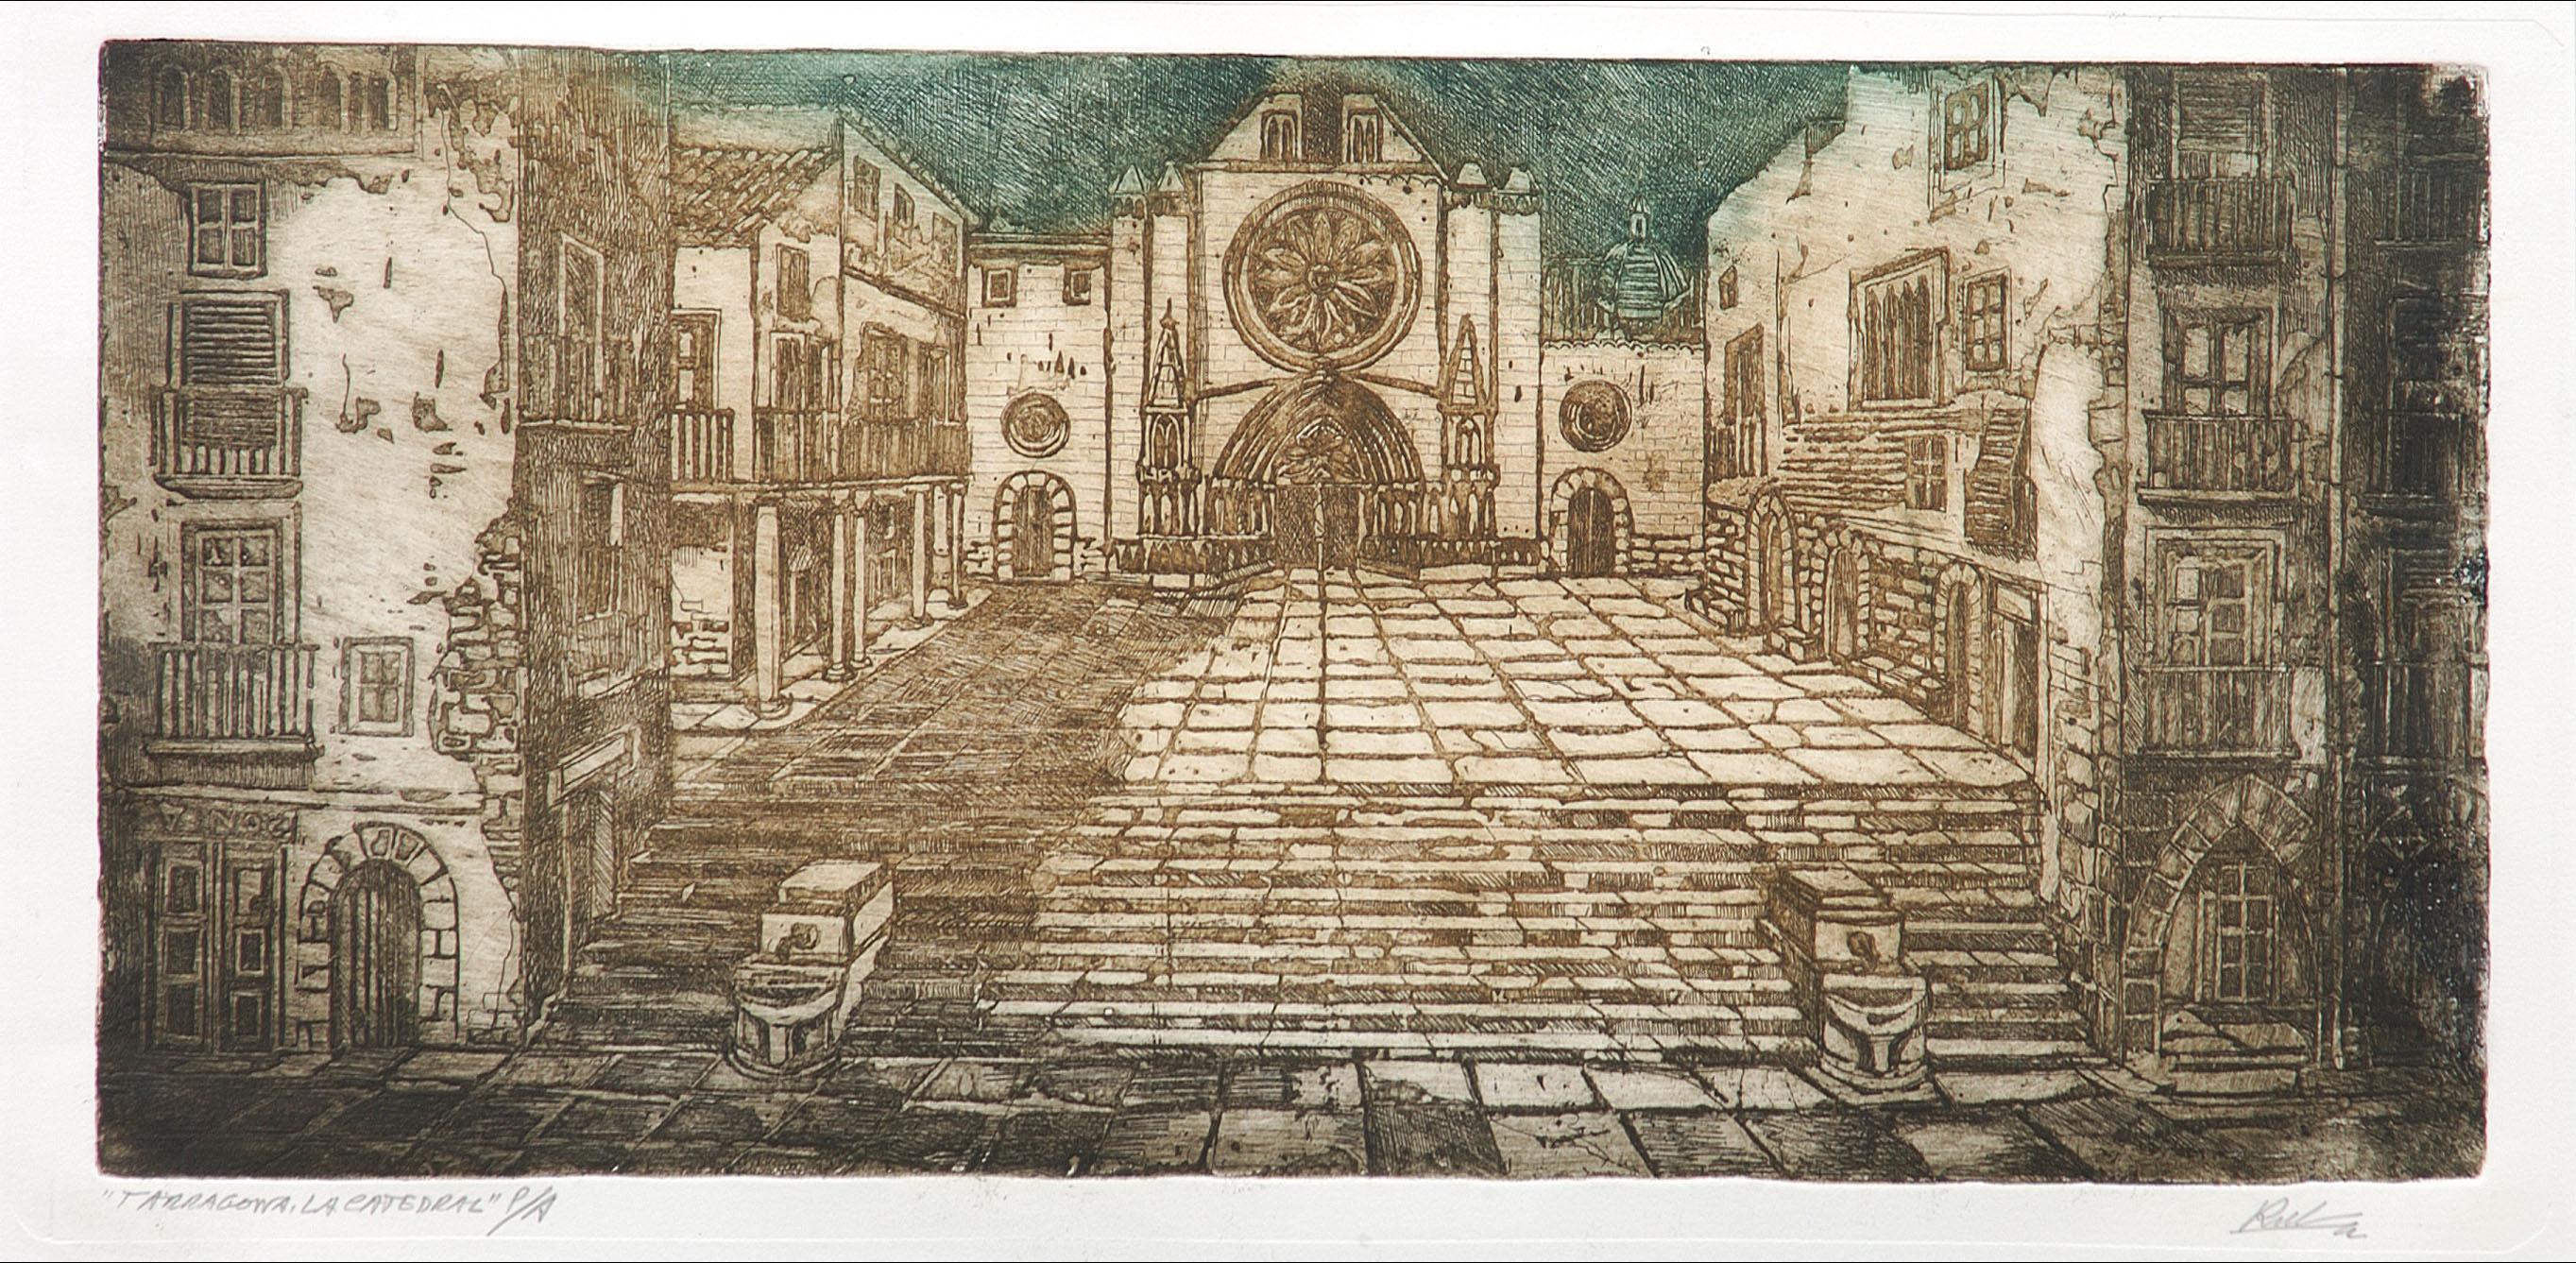 Pla de la Catedral | Rubio Martínez, Mariano